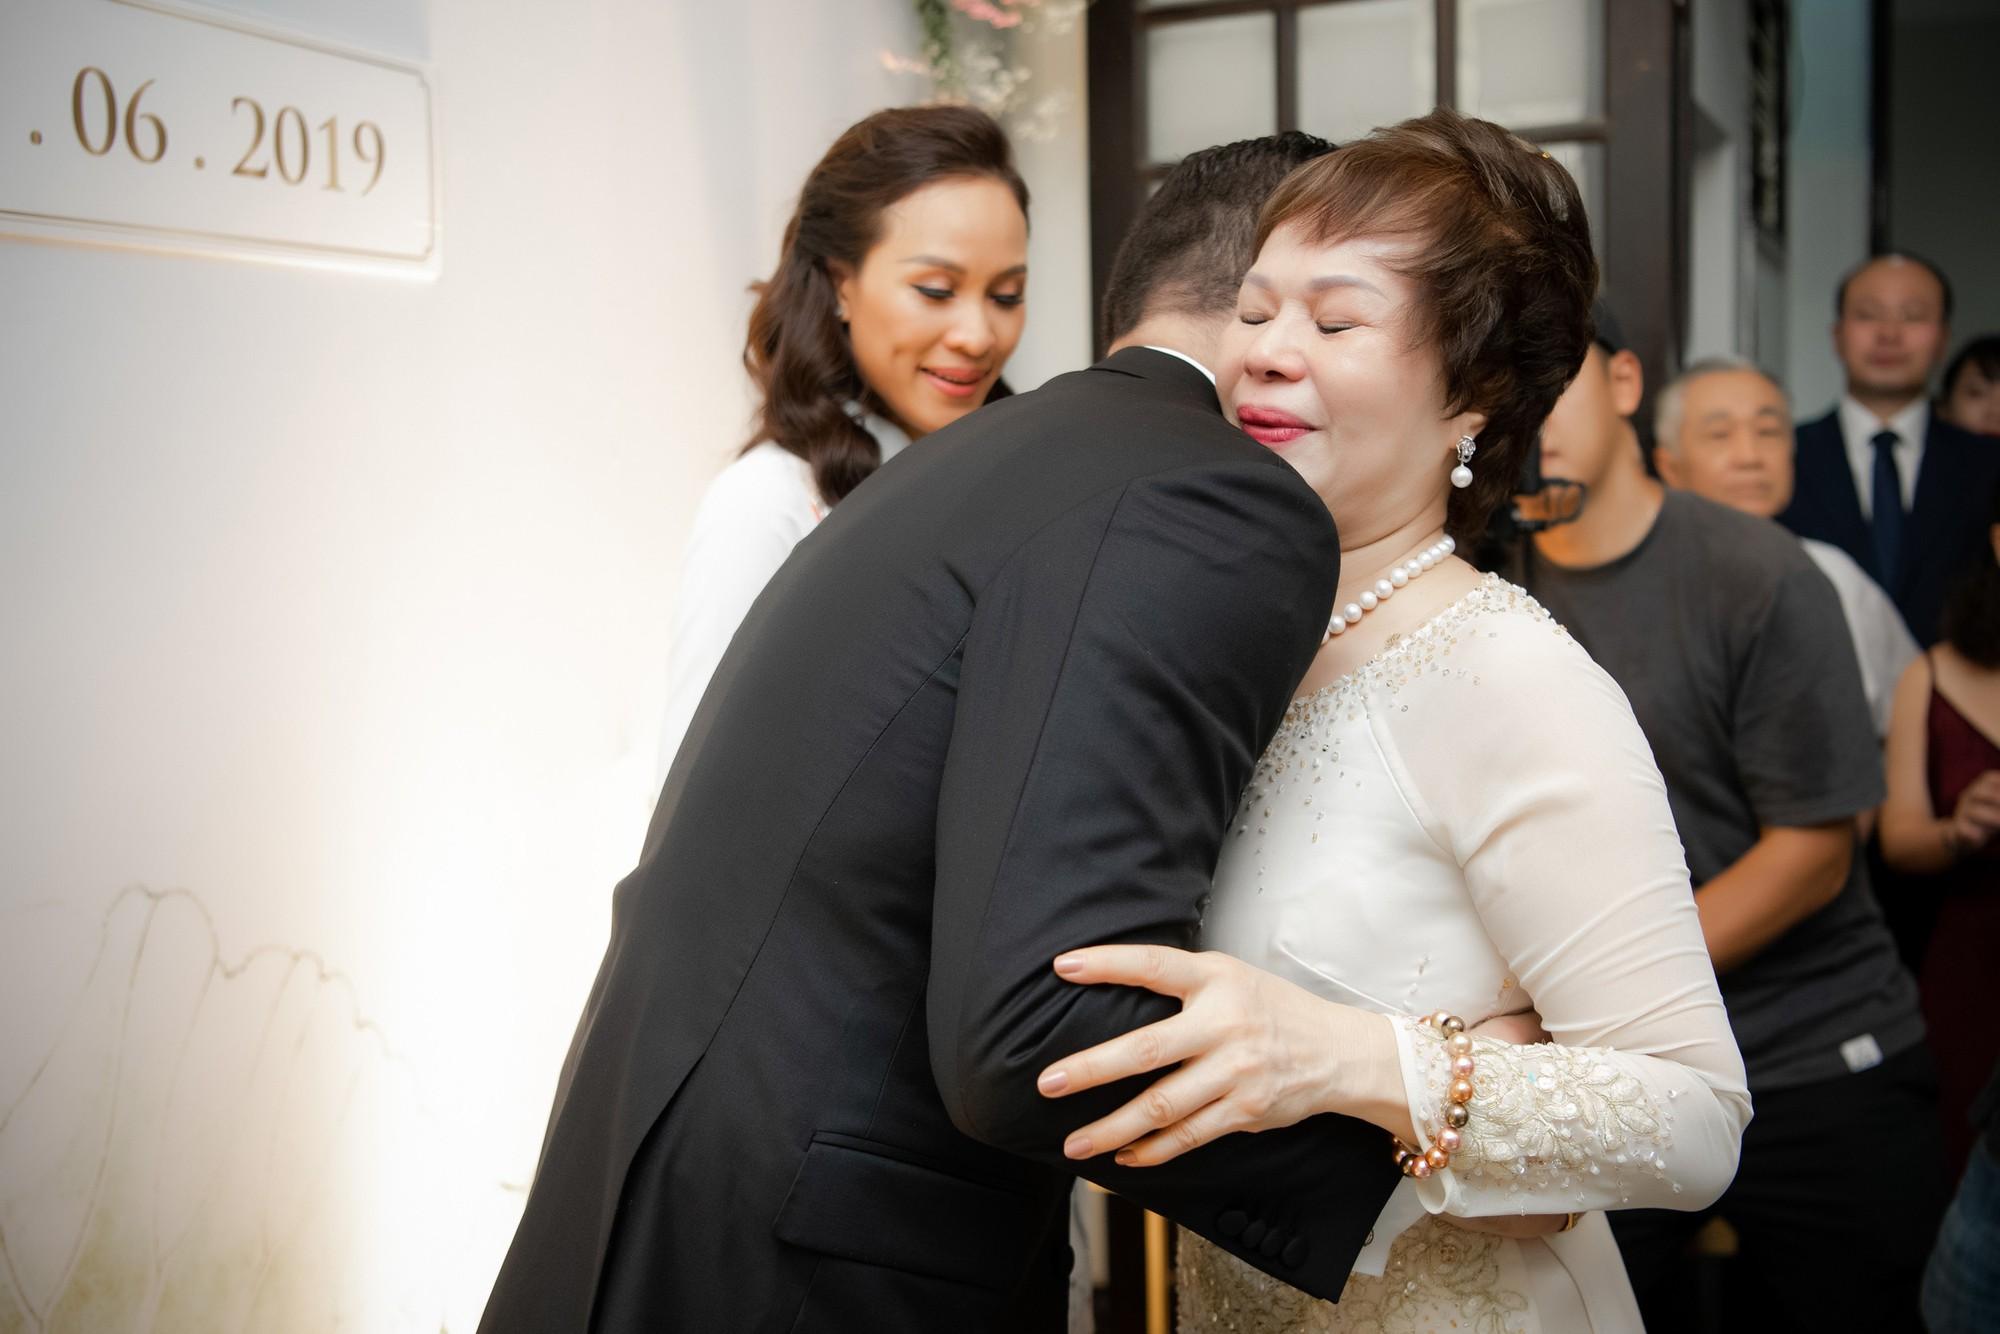 Toàn cảnh lễ đón dâu tại nhà phố cổ của siêu mẫu Phương Mai: Chú rể xuất hiện cùng đoàn xe sang, cô dâu òa khóc ôm chặt mẹ ruột  - Ảnh 11.